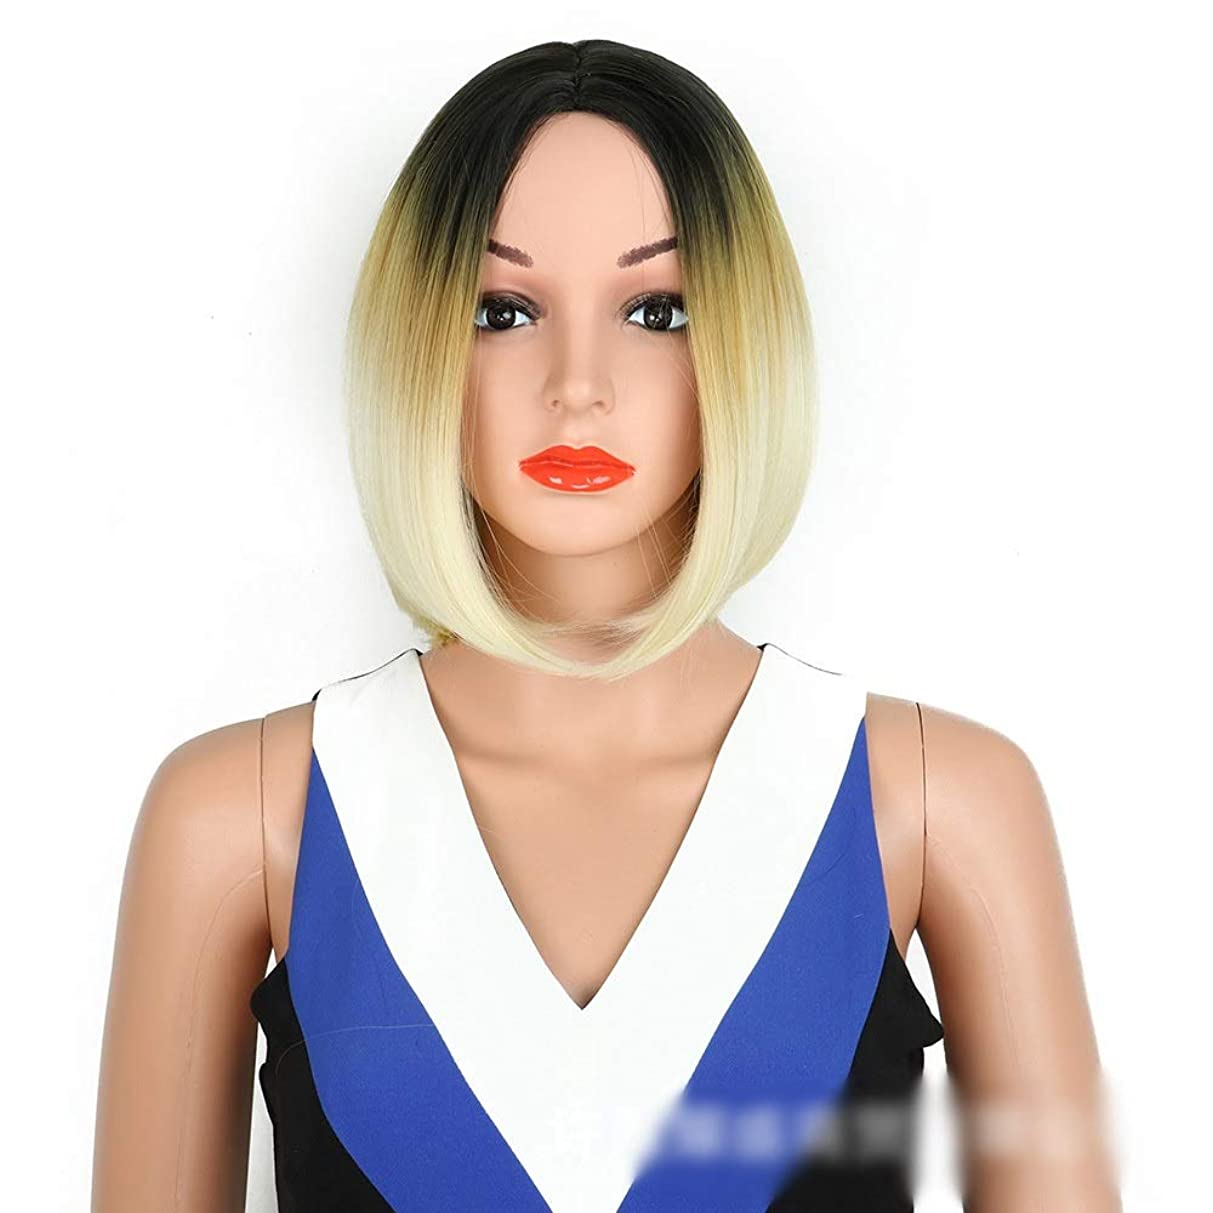 ハロウィンアカデミーポータブルHOHYLLYA オンブルブラウンボブウィッグミドルショートストレート人工毛ウィッグダークルーツグラデーションカラーヘア用女性パーティーウィッグ (色 : Blonde)